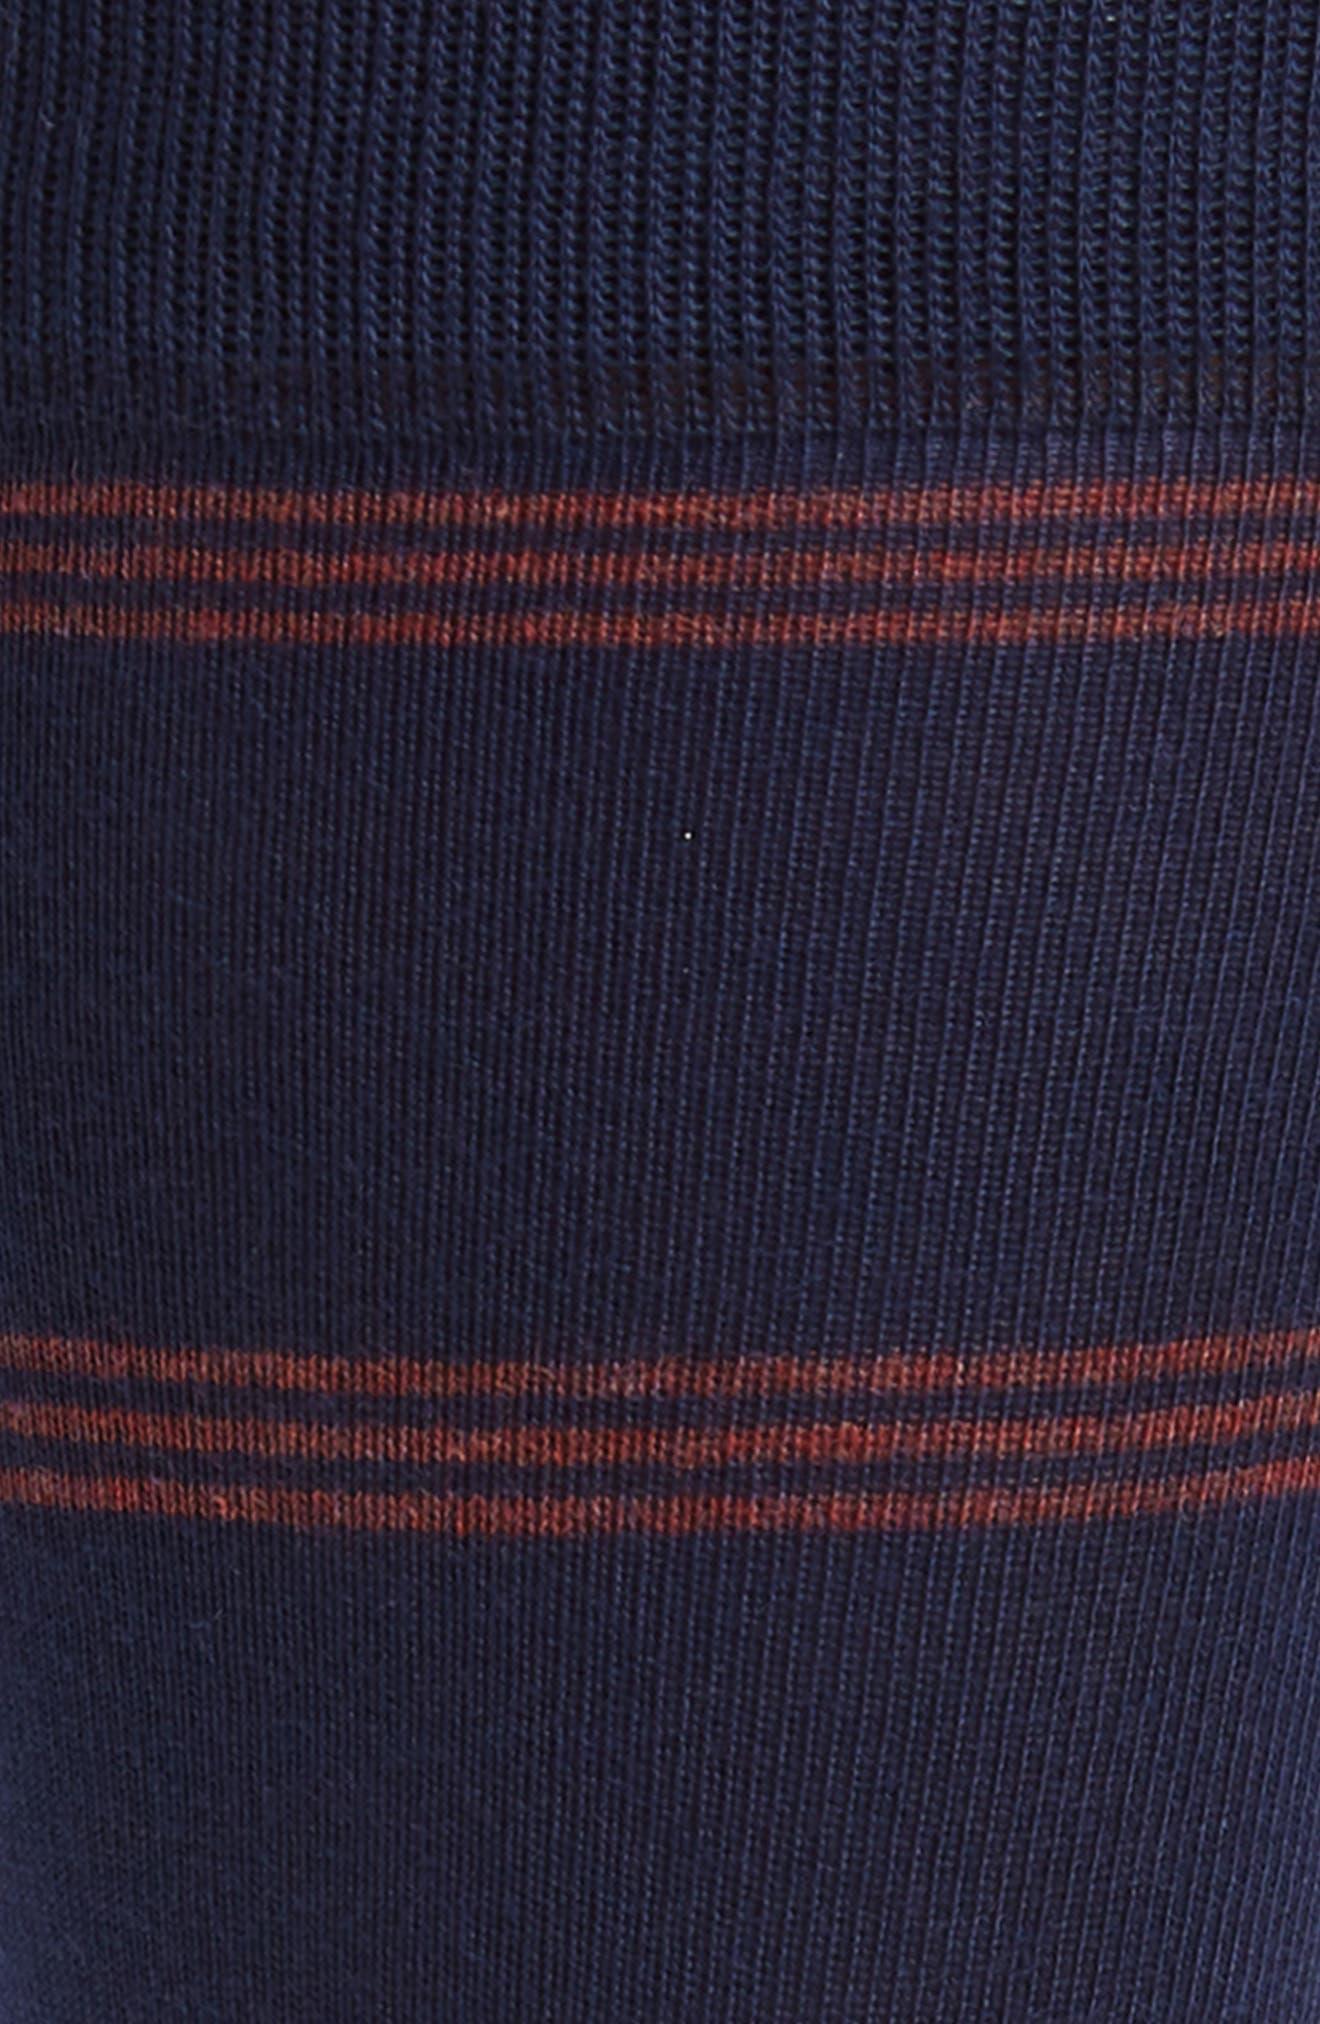 Triple Line Socks,                             Alternate thumbnail 2, color,                             Navy/ Red